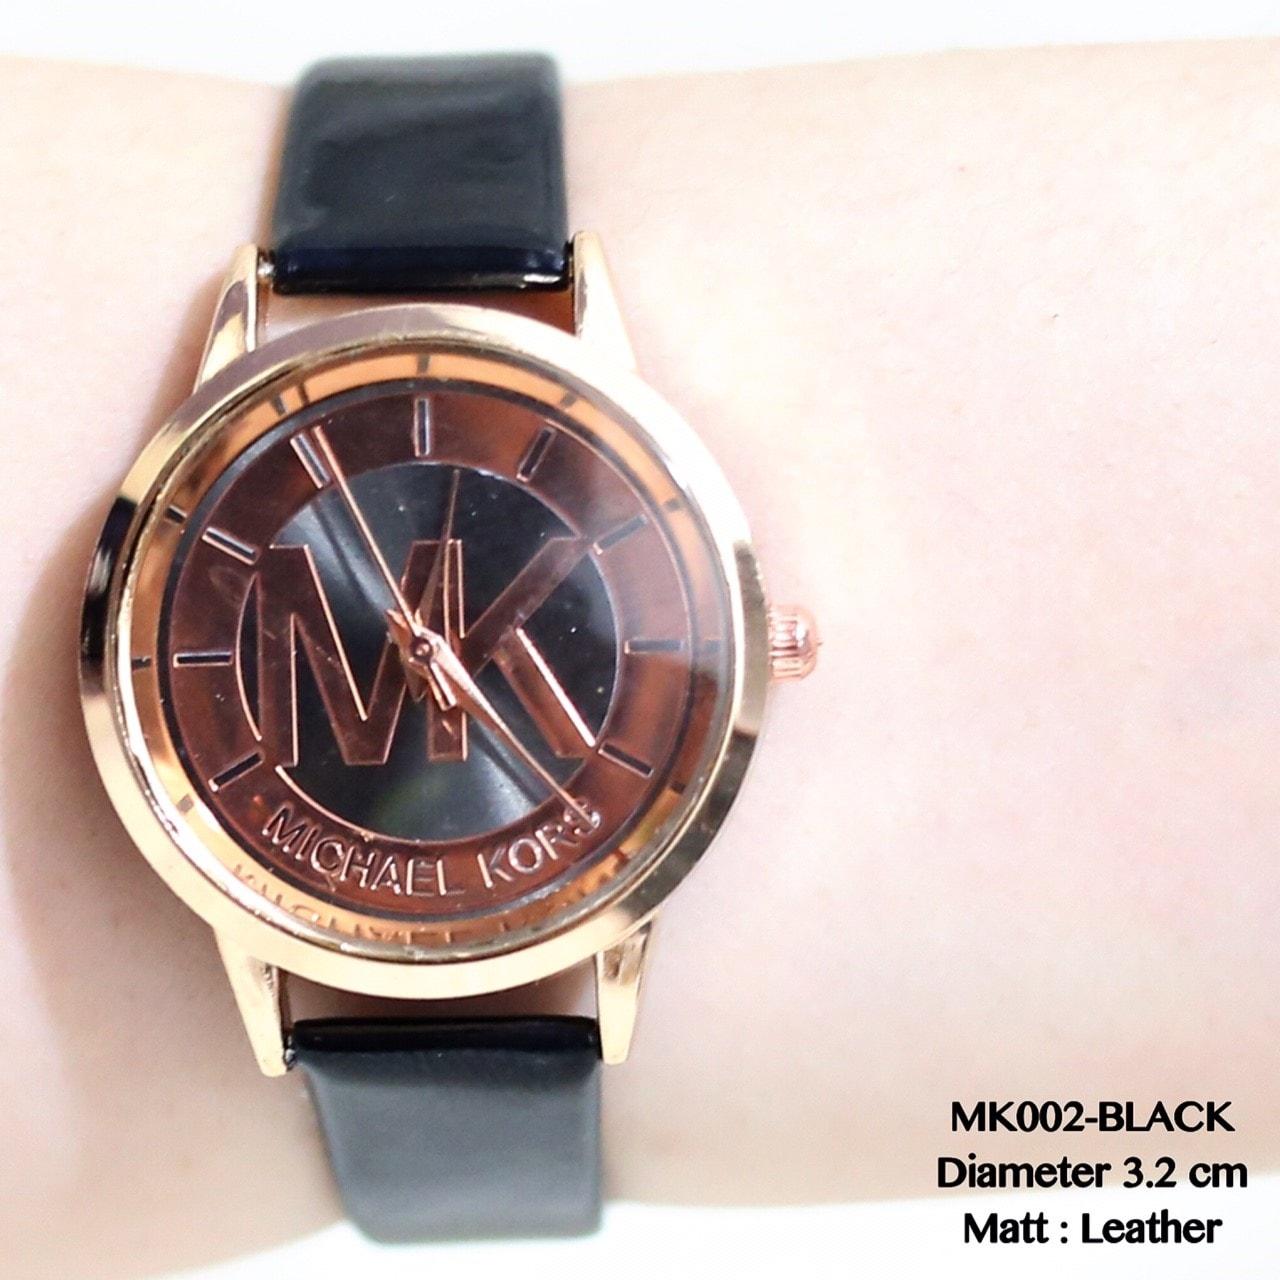 grosir jam tangan murah michael kors guess aigner baridona wanita cewe 04f2a9877c